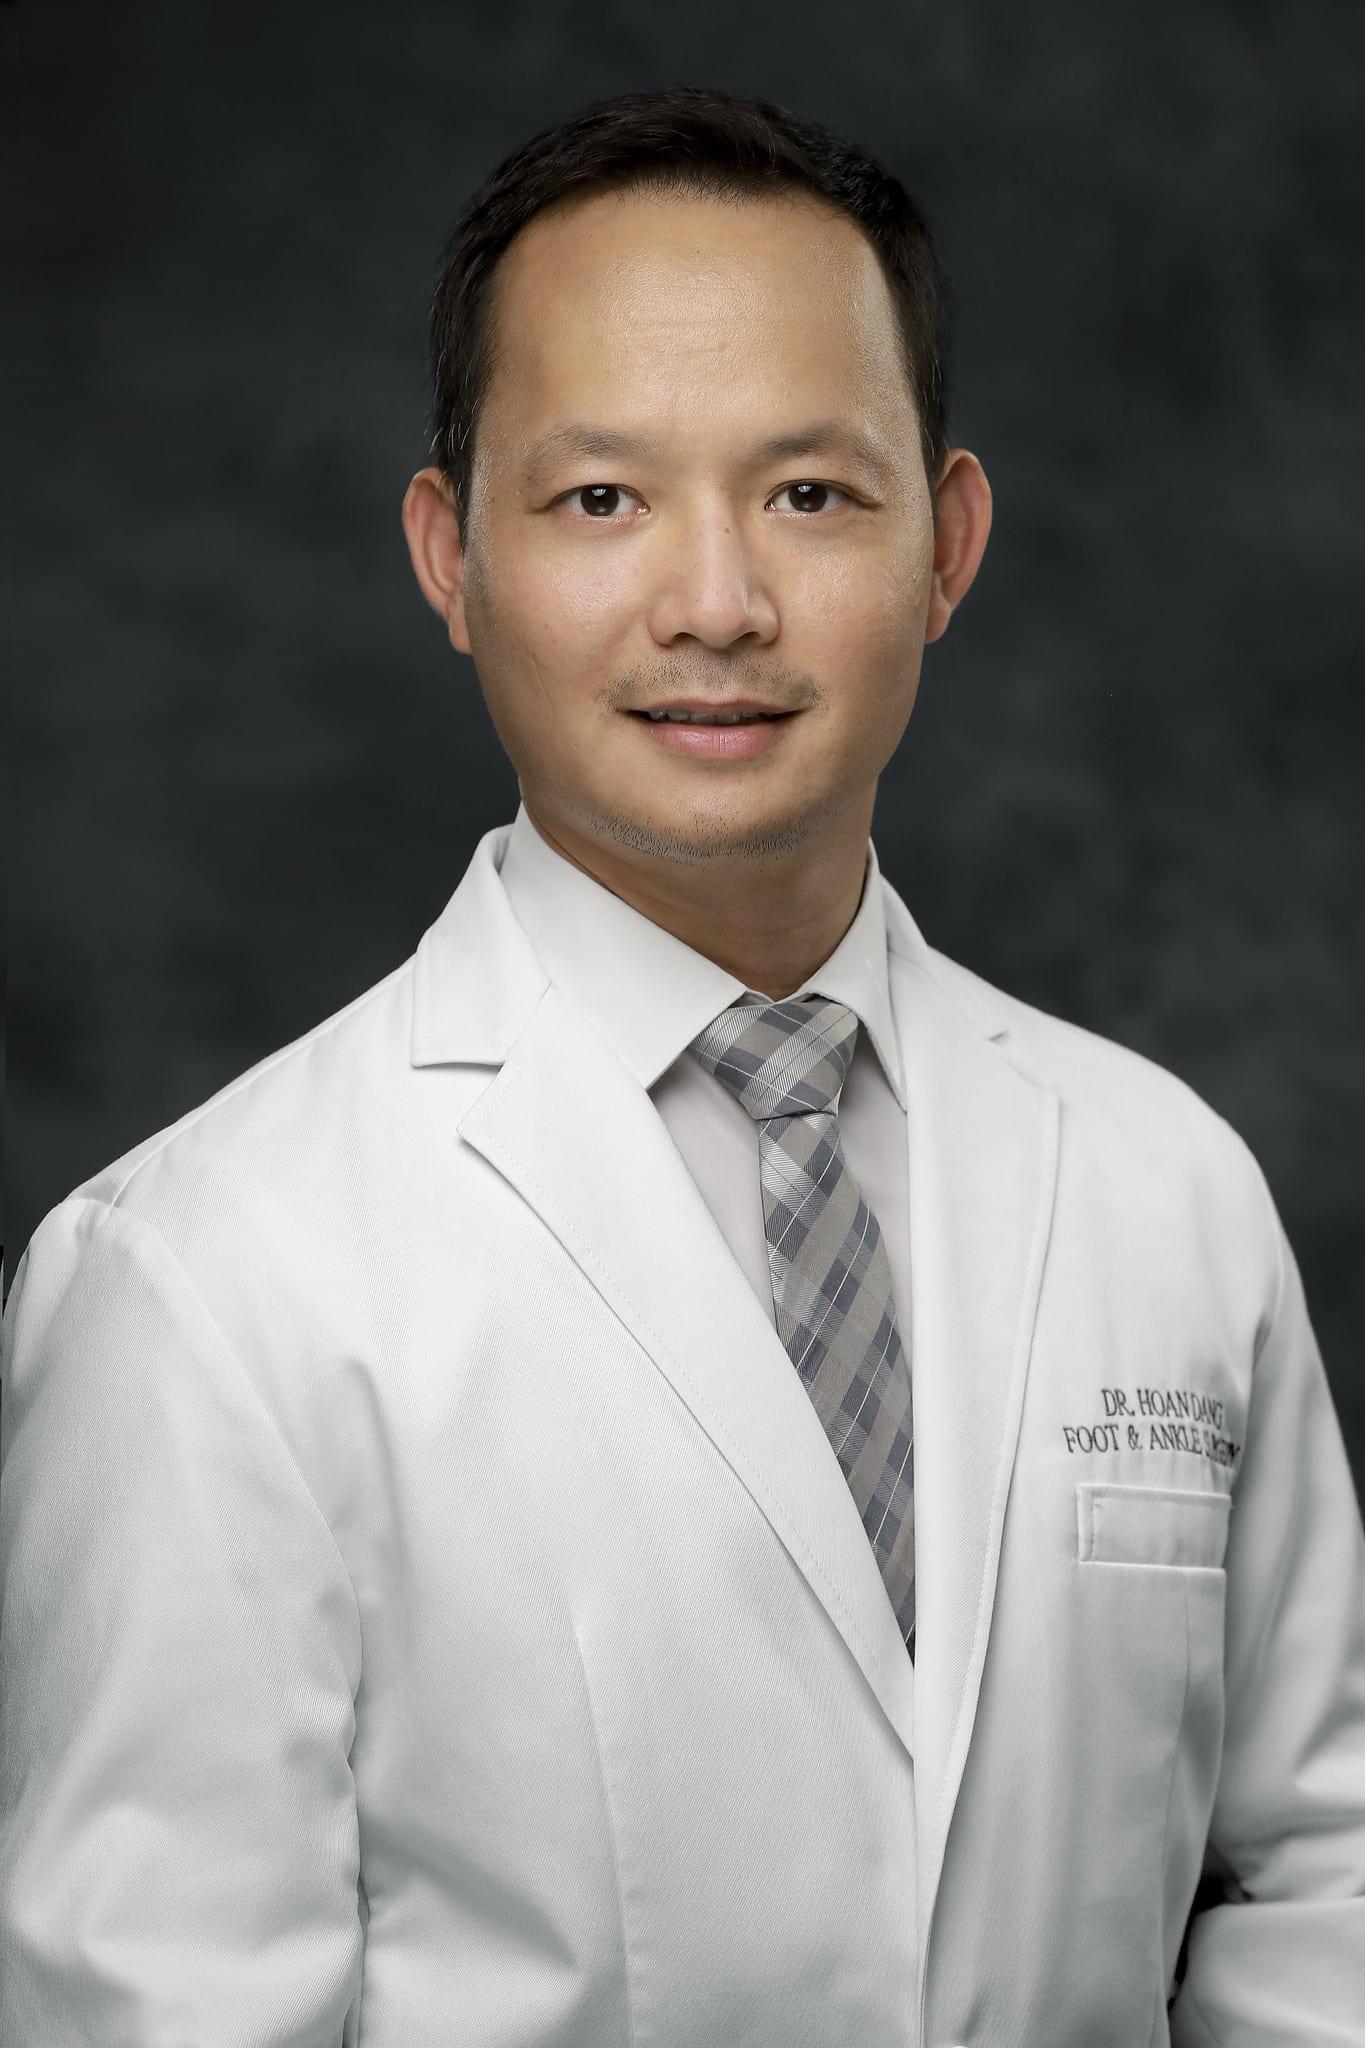 dr-dang-white-coat